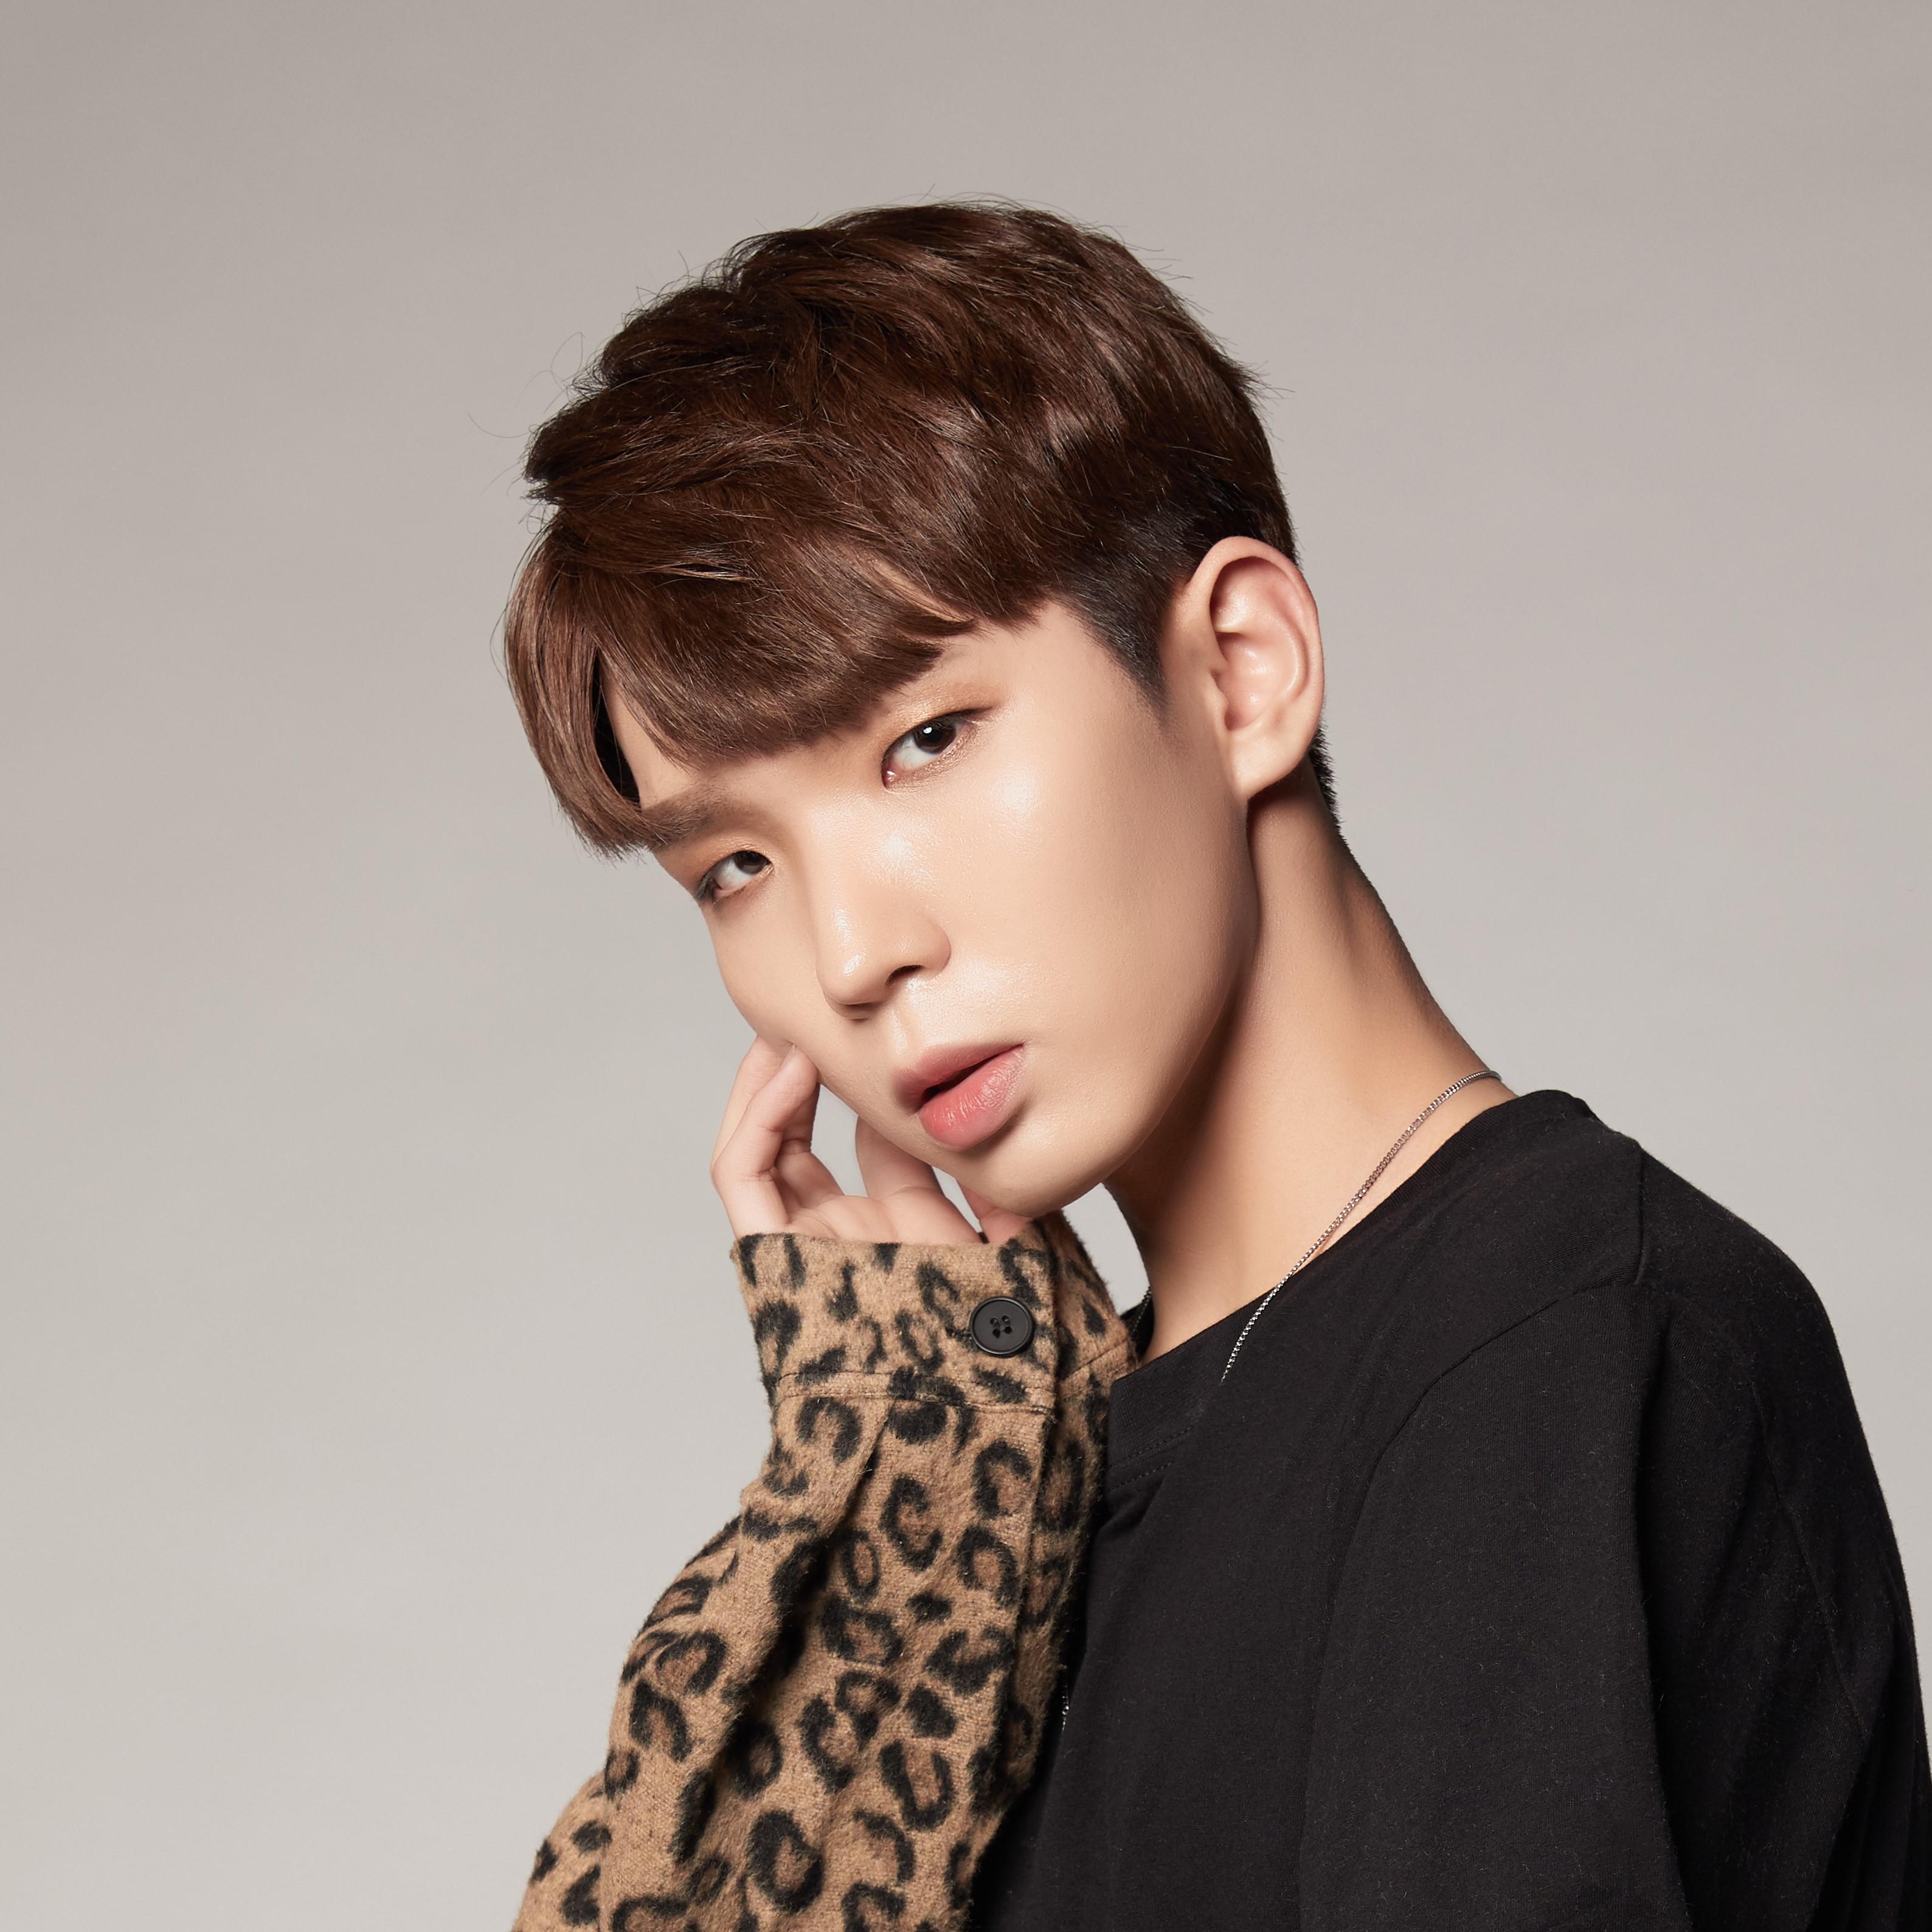 Minjun profile image